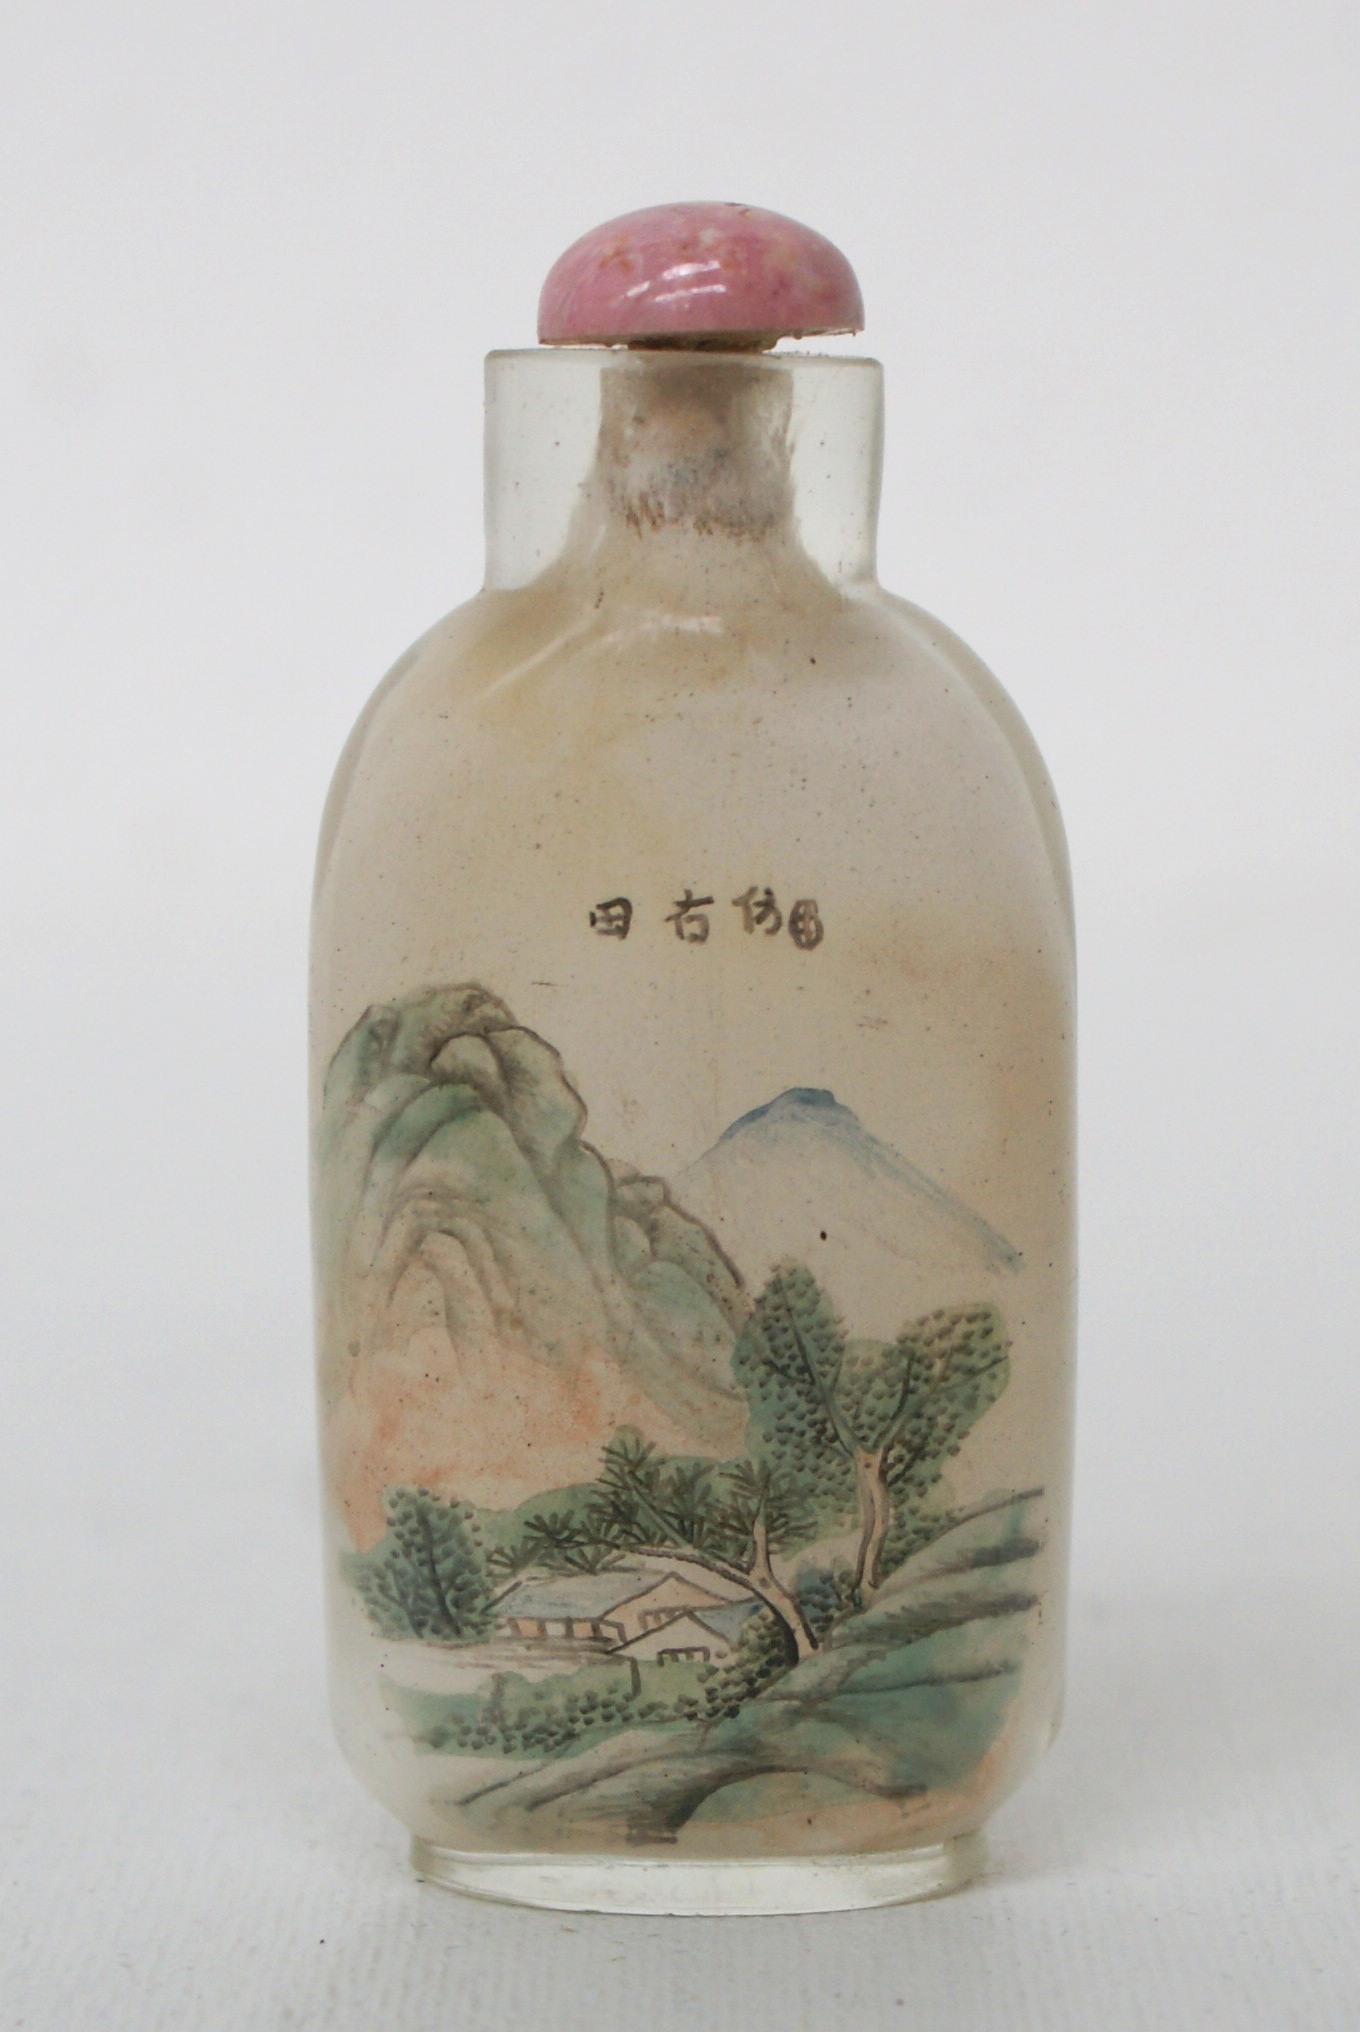 Schnupftabakfläschchen, Asia Image